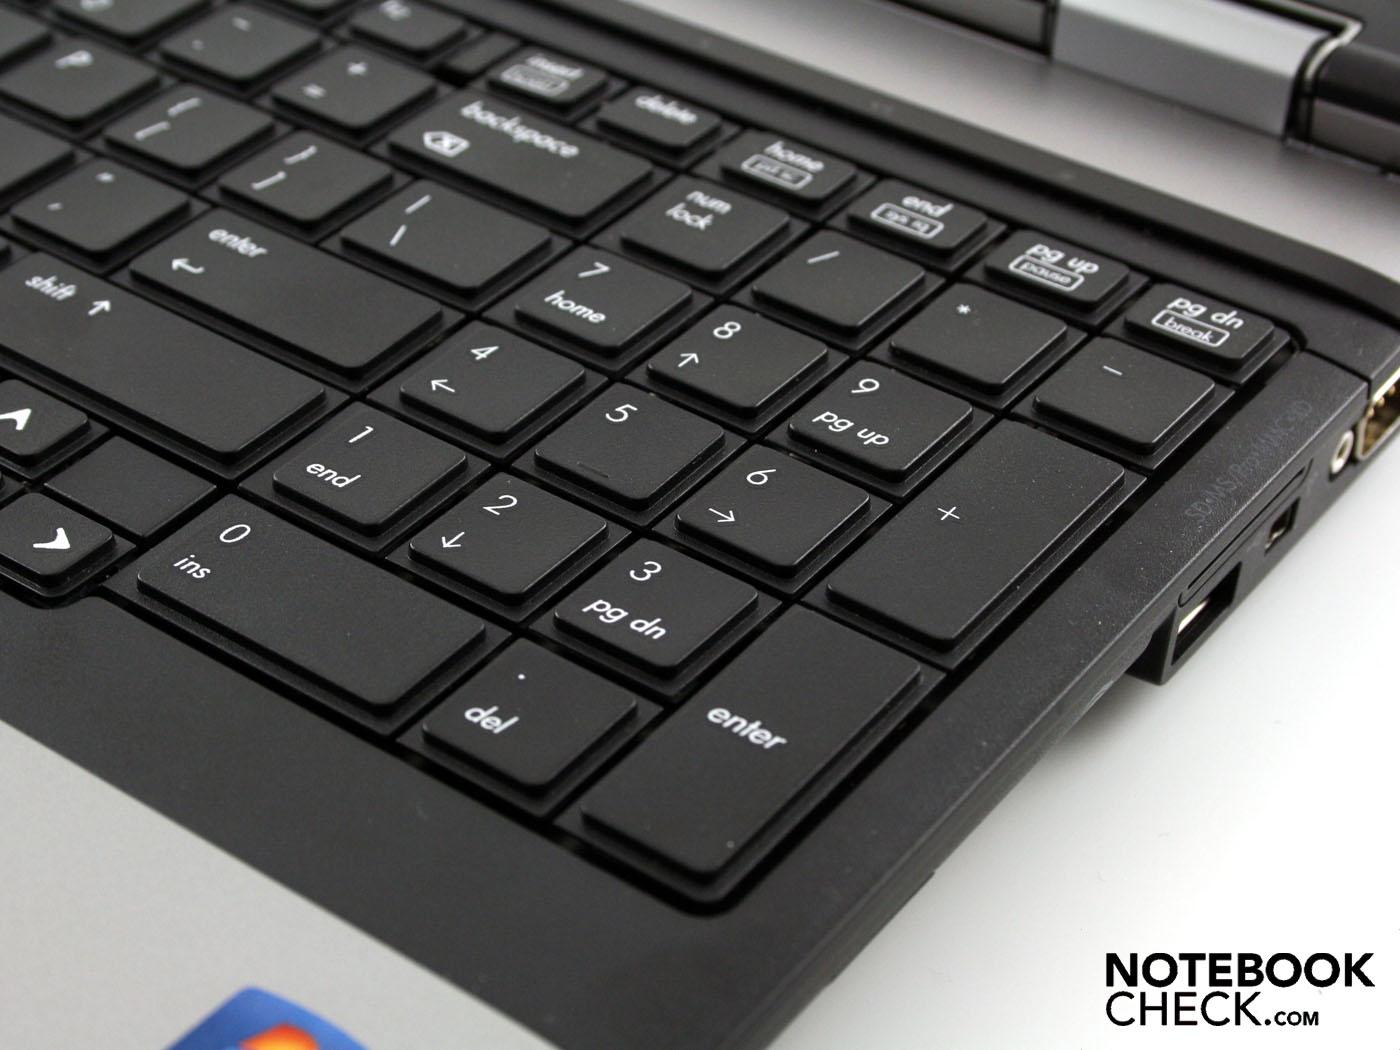 Notebook samsung com teclado numerico - Ziffernblock